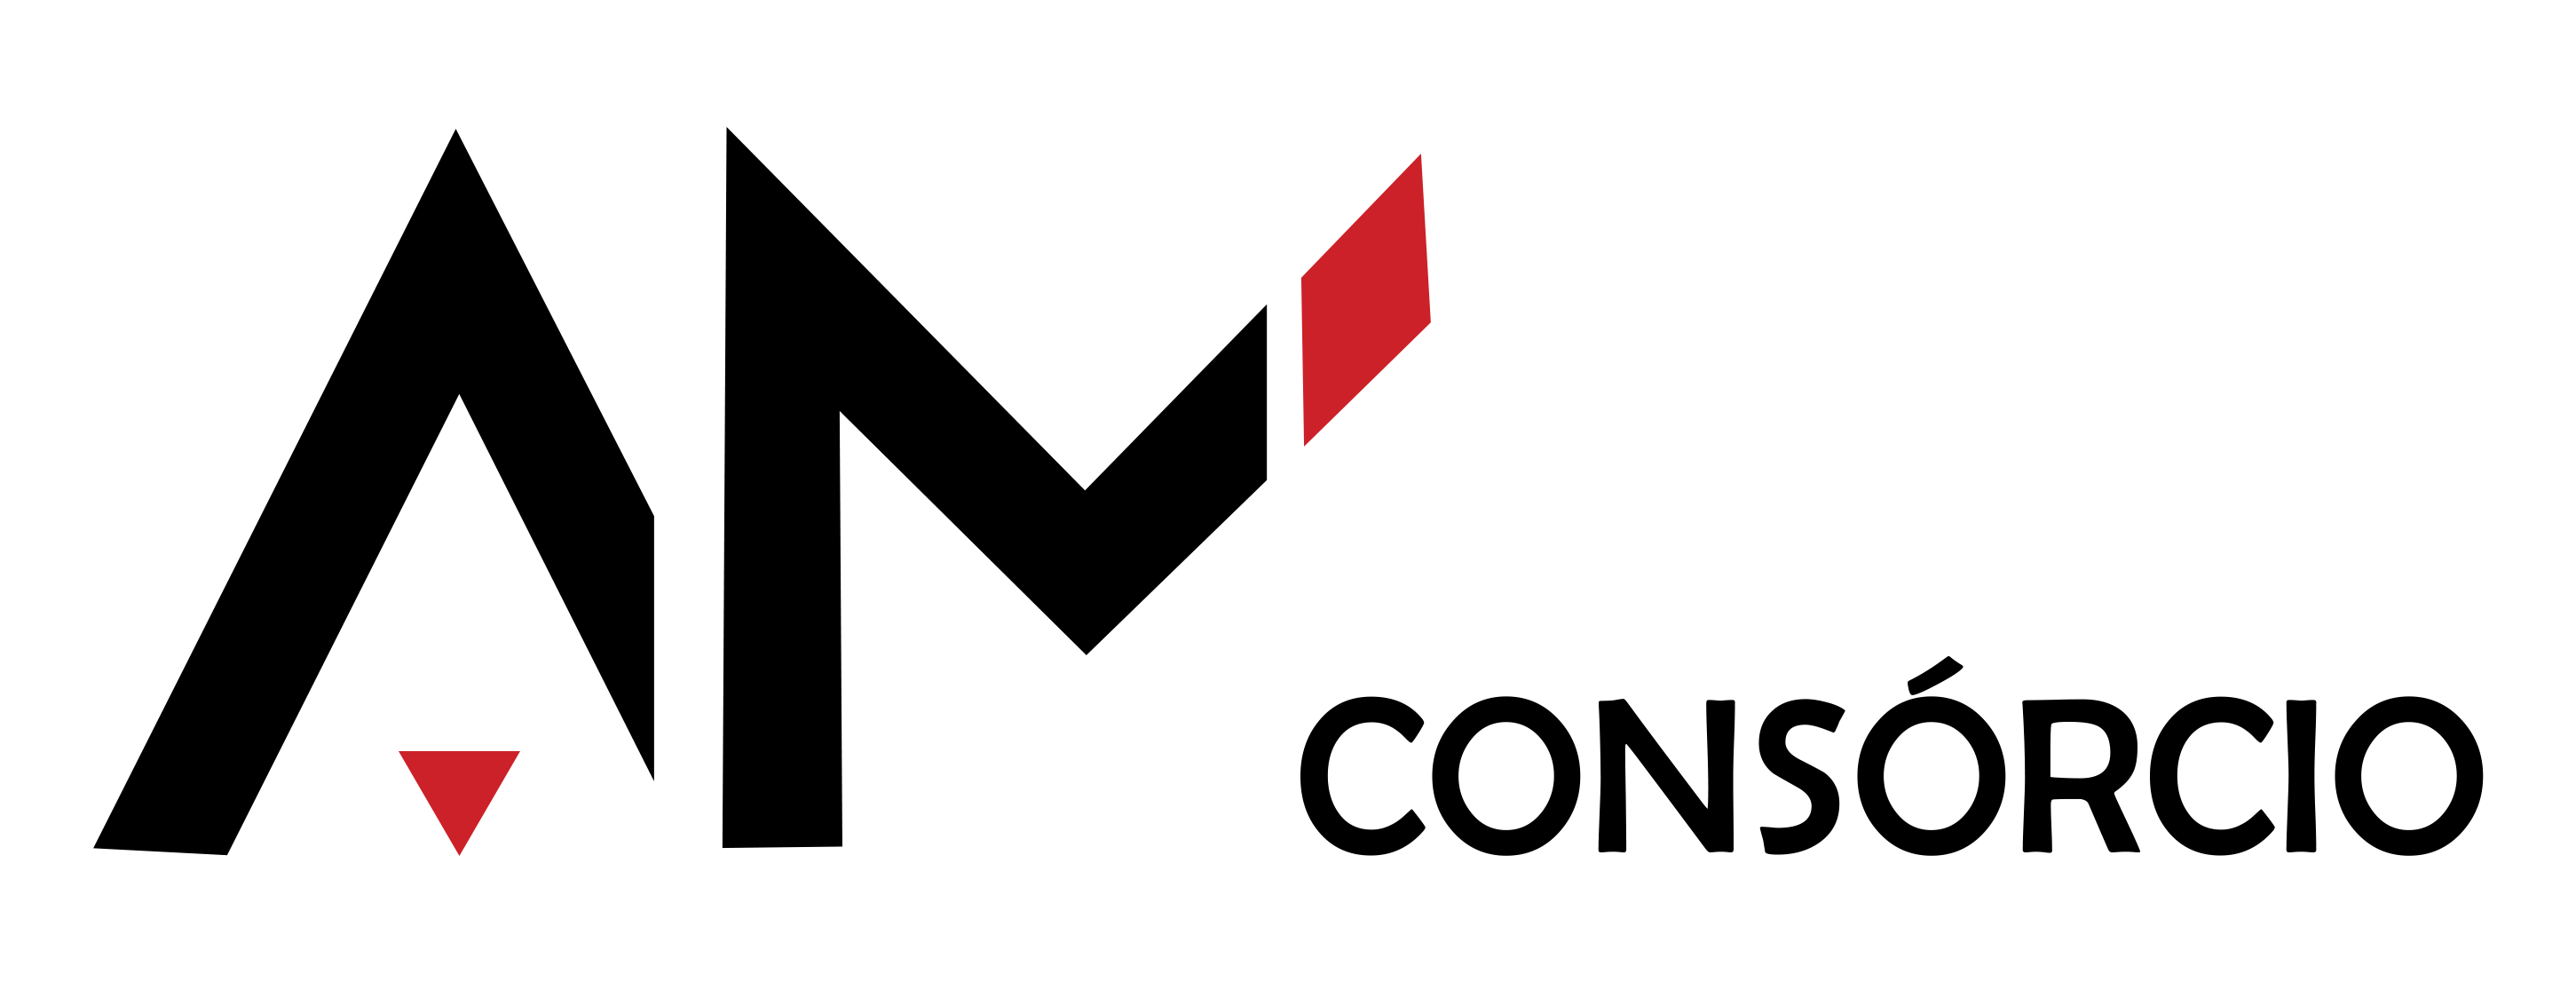 AM Consórcio Logo - Cliente da Agência Davs de Marketing Digital em Fortaleza